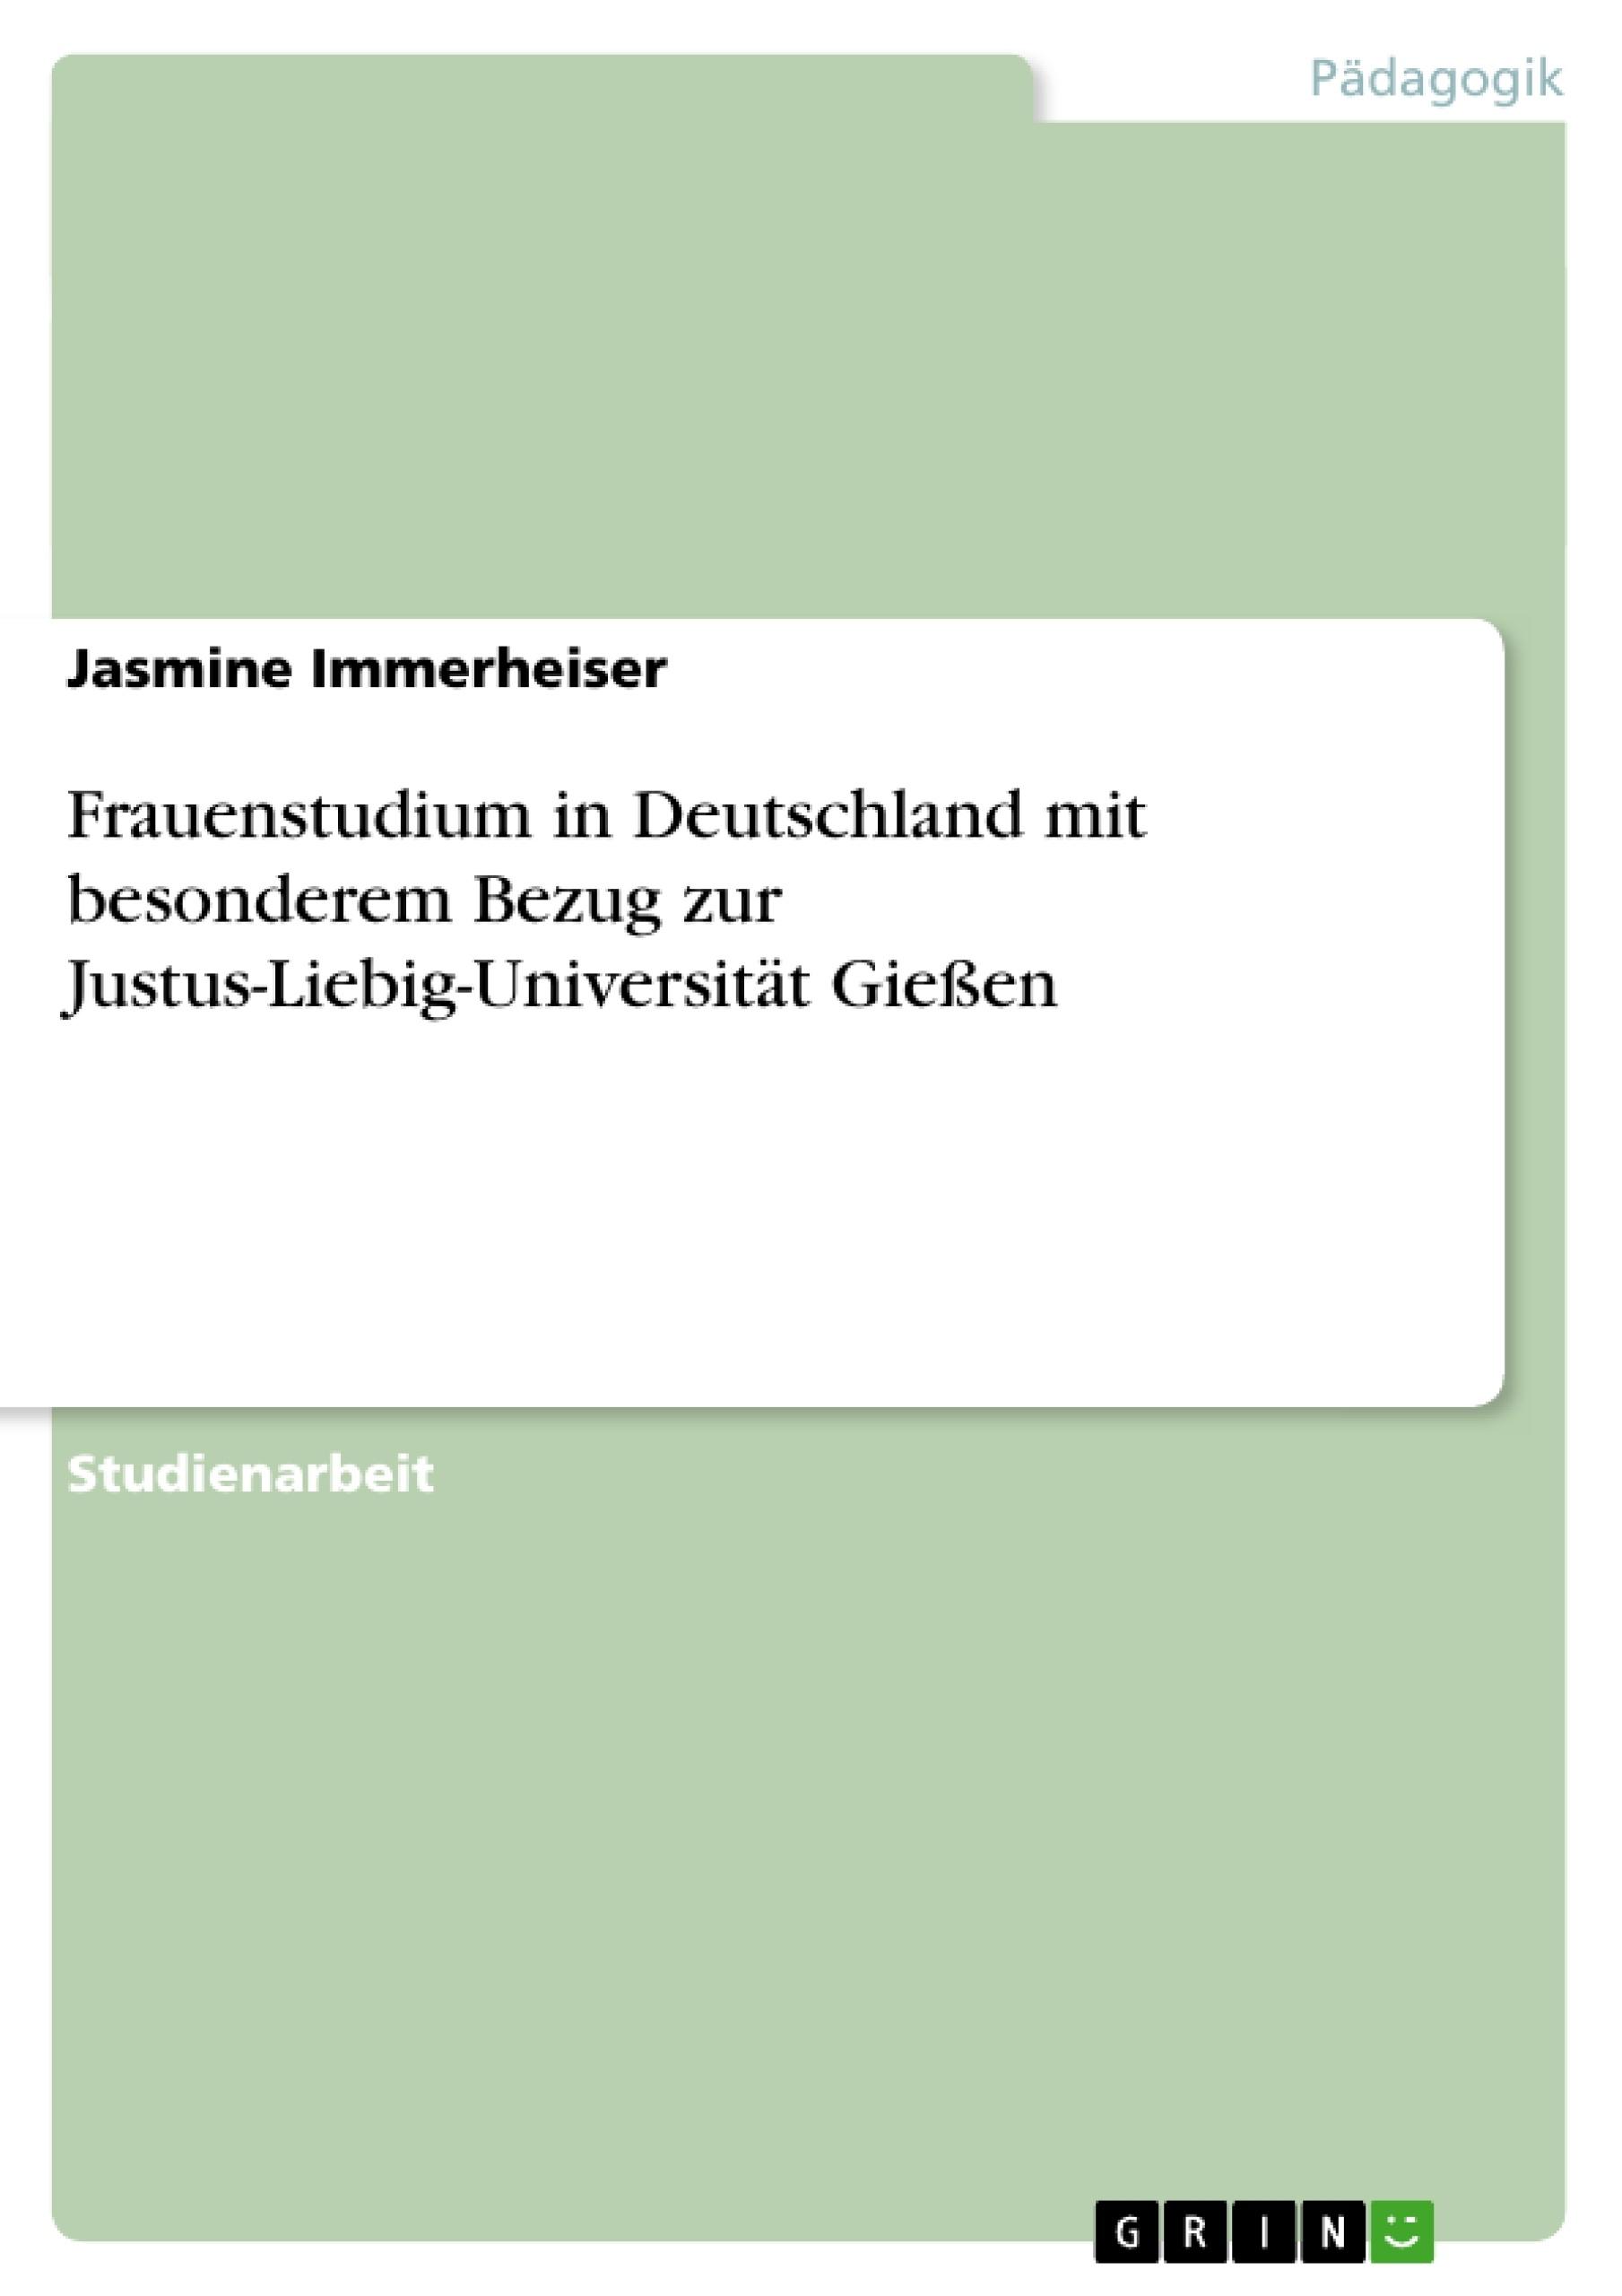 Titel: Frauenstudium in Deutschland mit besonderem Bezug zur Justus-Liebig-Universität Gießen